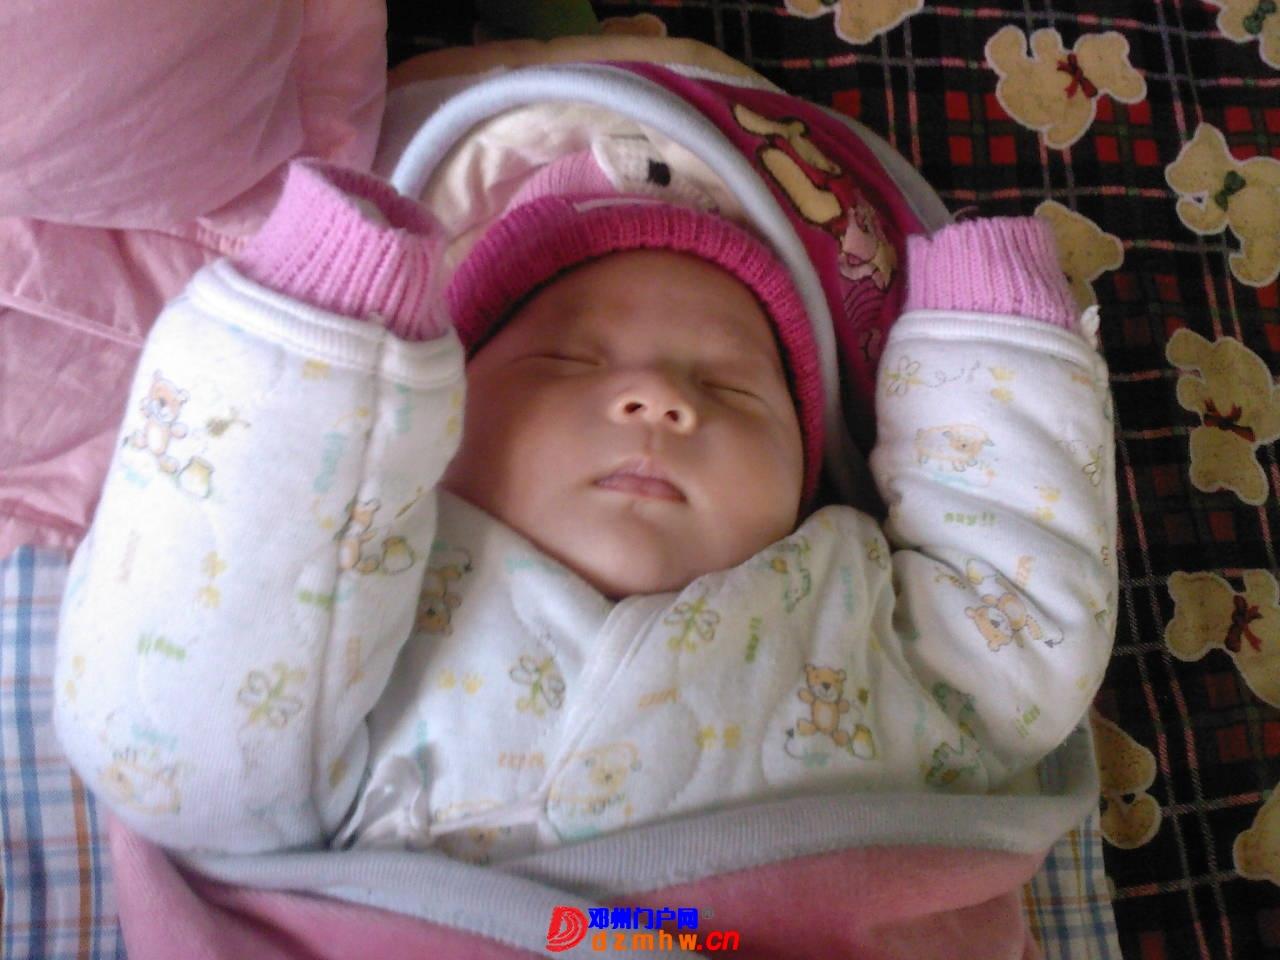 我的宝宝四十六天了,来晒一晒,看谁认识,呵呵 - 邓州门户网 邓州网 - 1f02a57q185b6.jpg